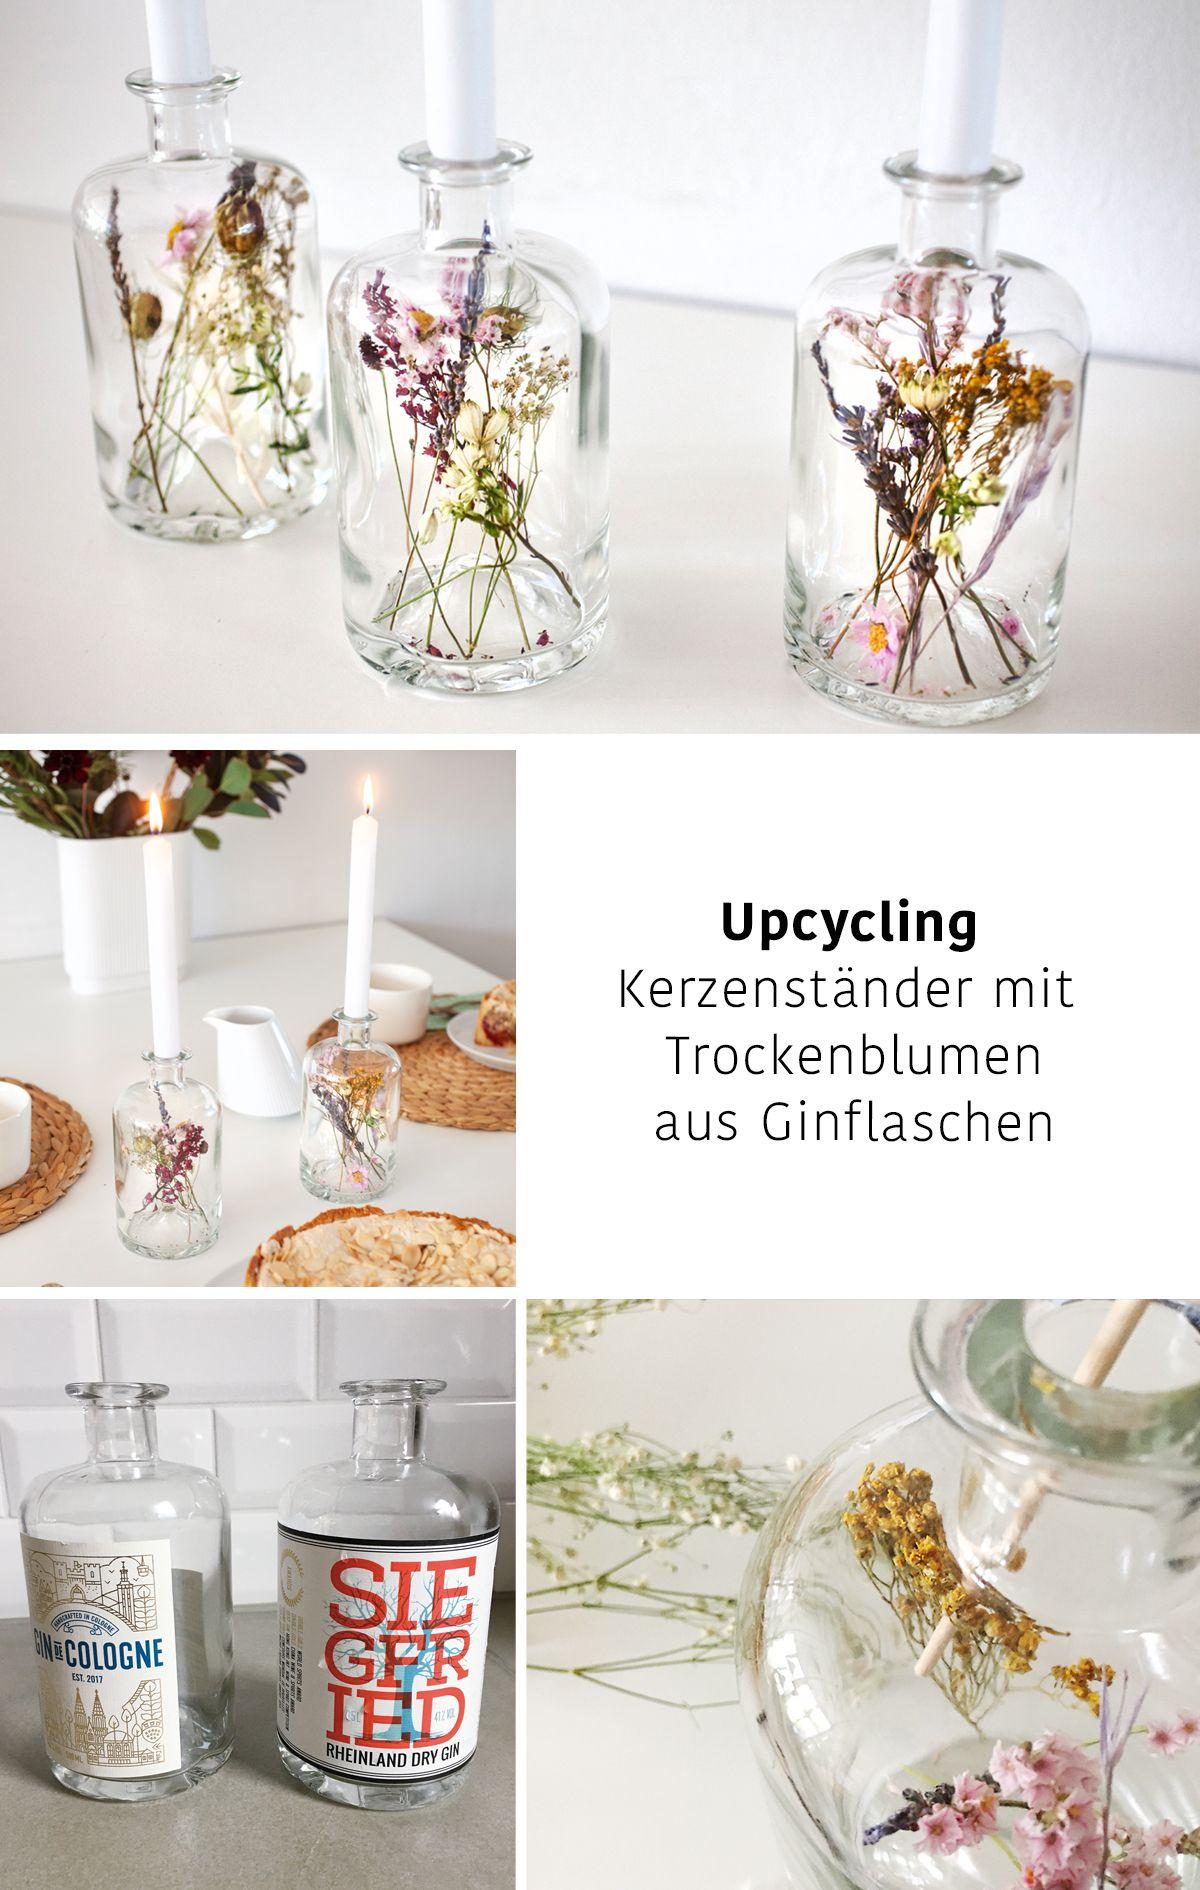 Trockenblumen-Kerzenständer an Gin